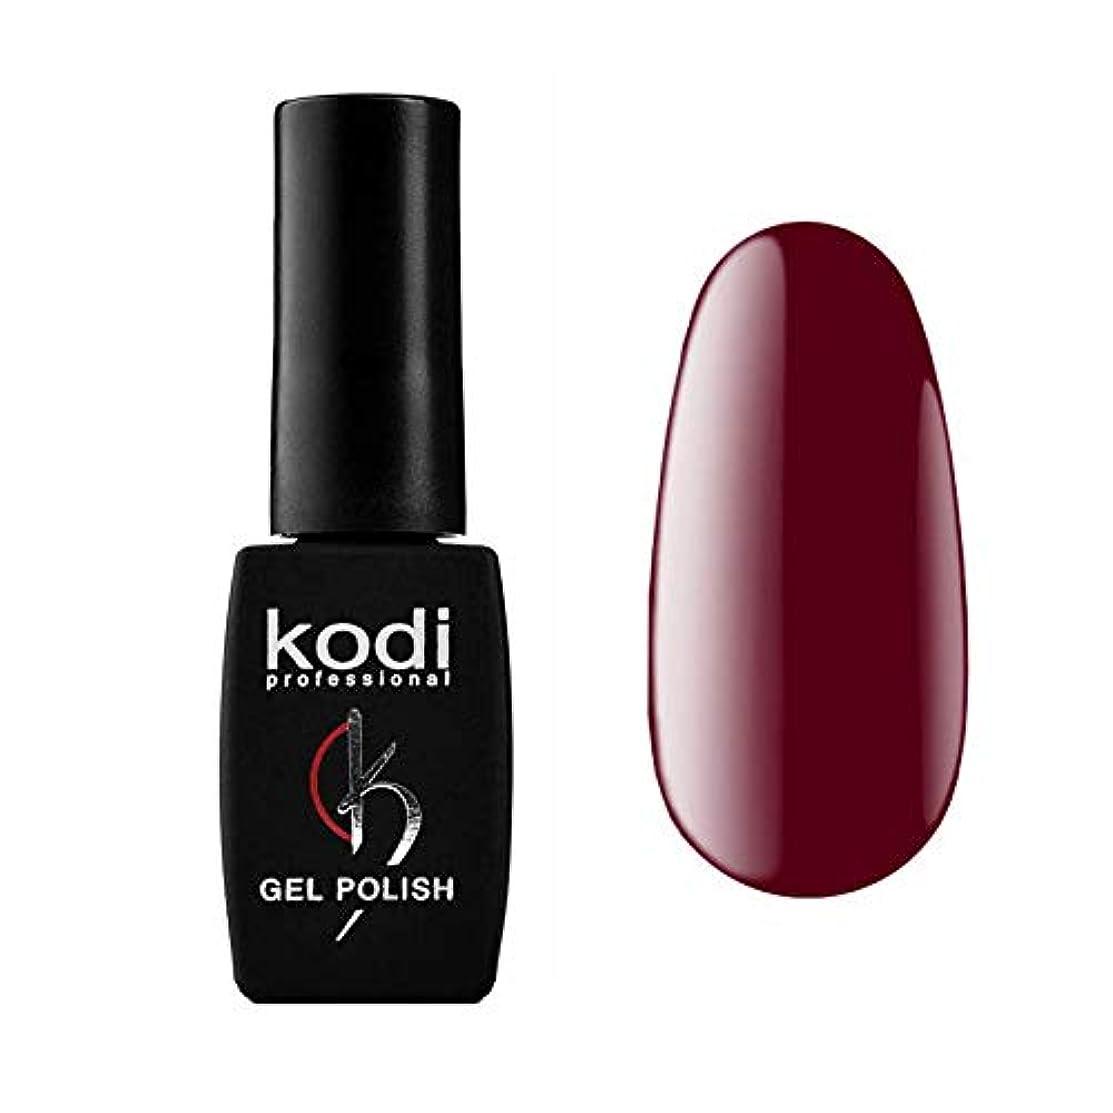 上げるアレキサンダーグラハムベルおばさんKodi Professional New Collection WN WINE #20 Color Gel Nail Polish 12ml 0.42 Fl Oz LED UV Genuine Soak Off